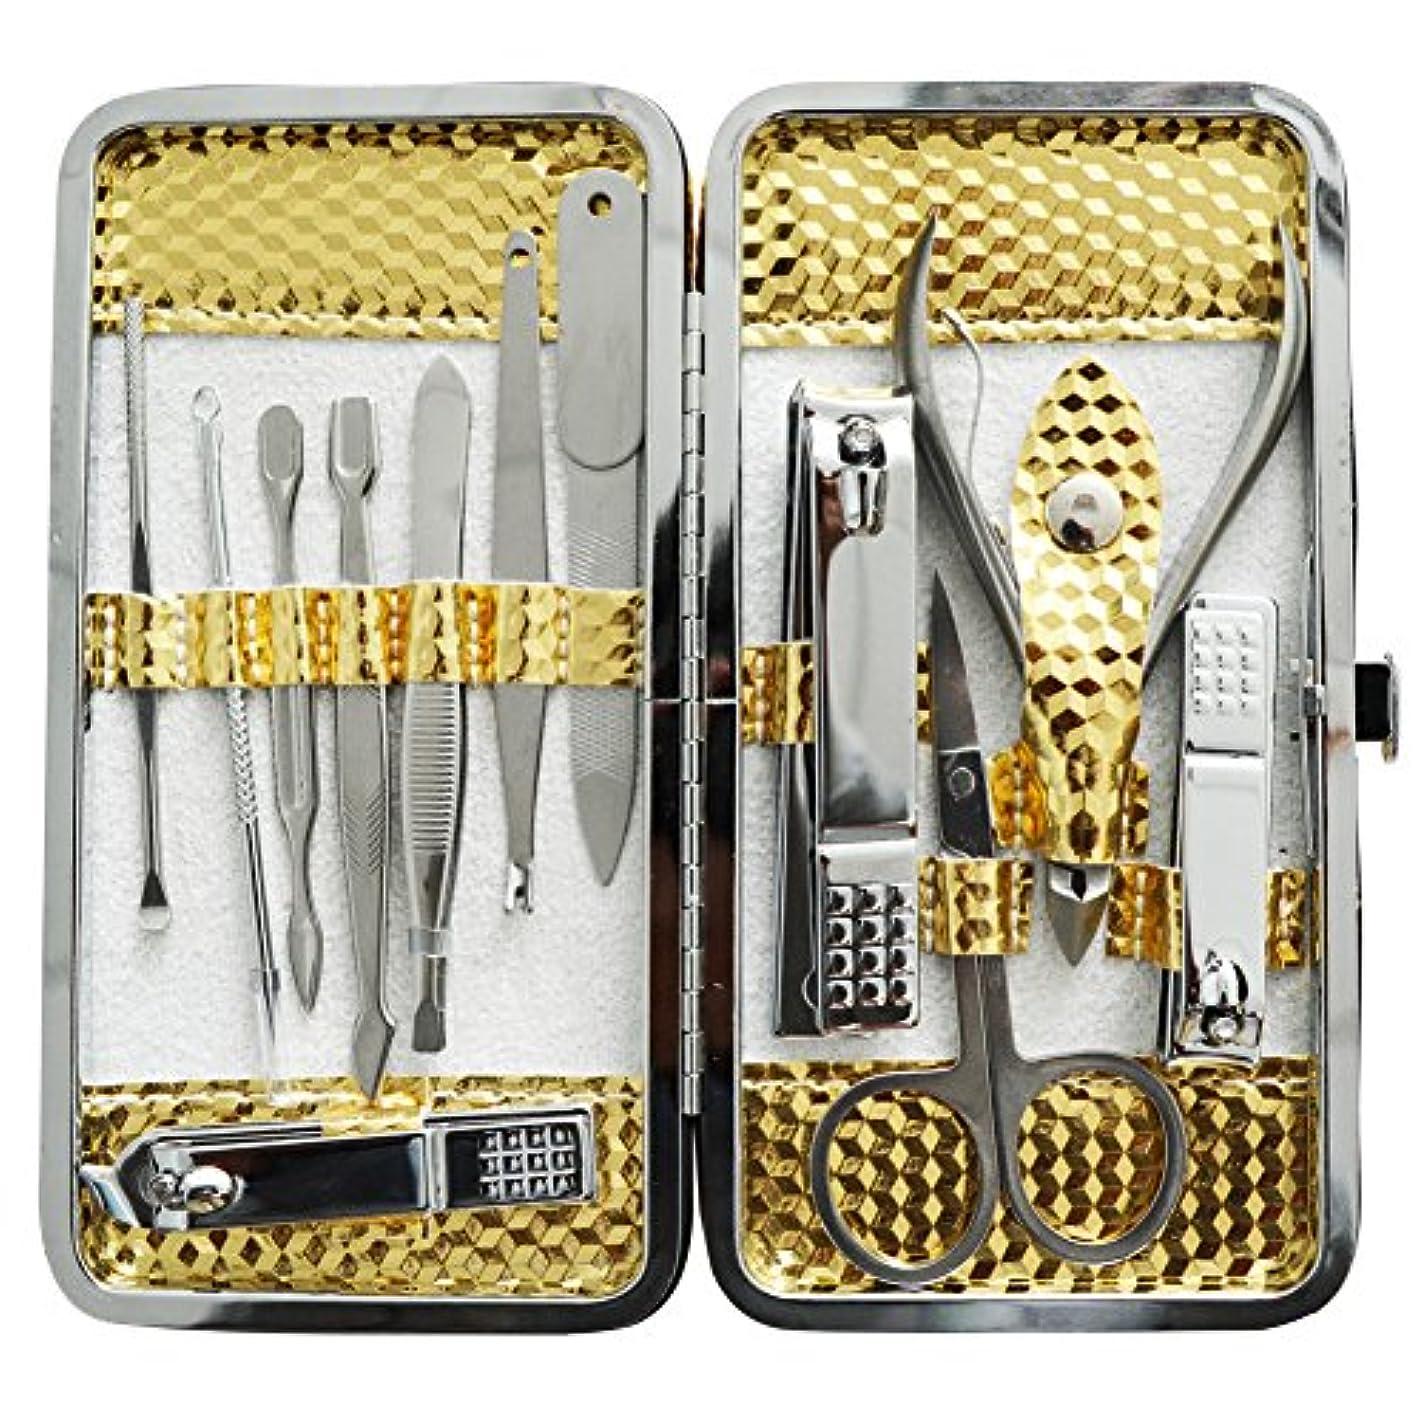 電信抜粋経営者爪切りセット 耳掃除機 12枚はさみ、キューティクルをトリマー、耳かき、ナイフ